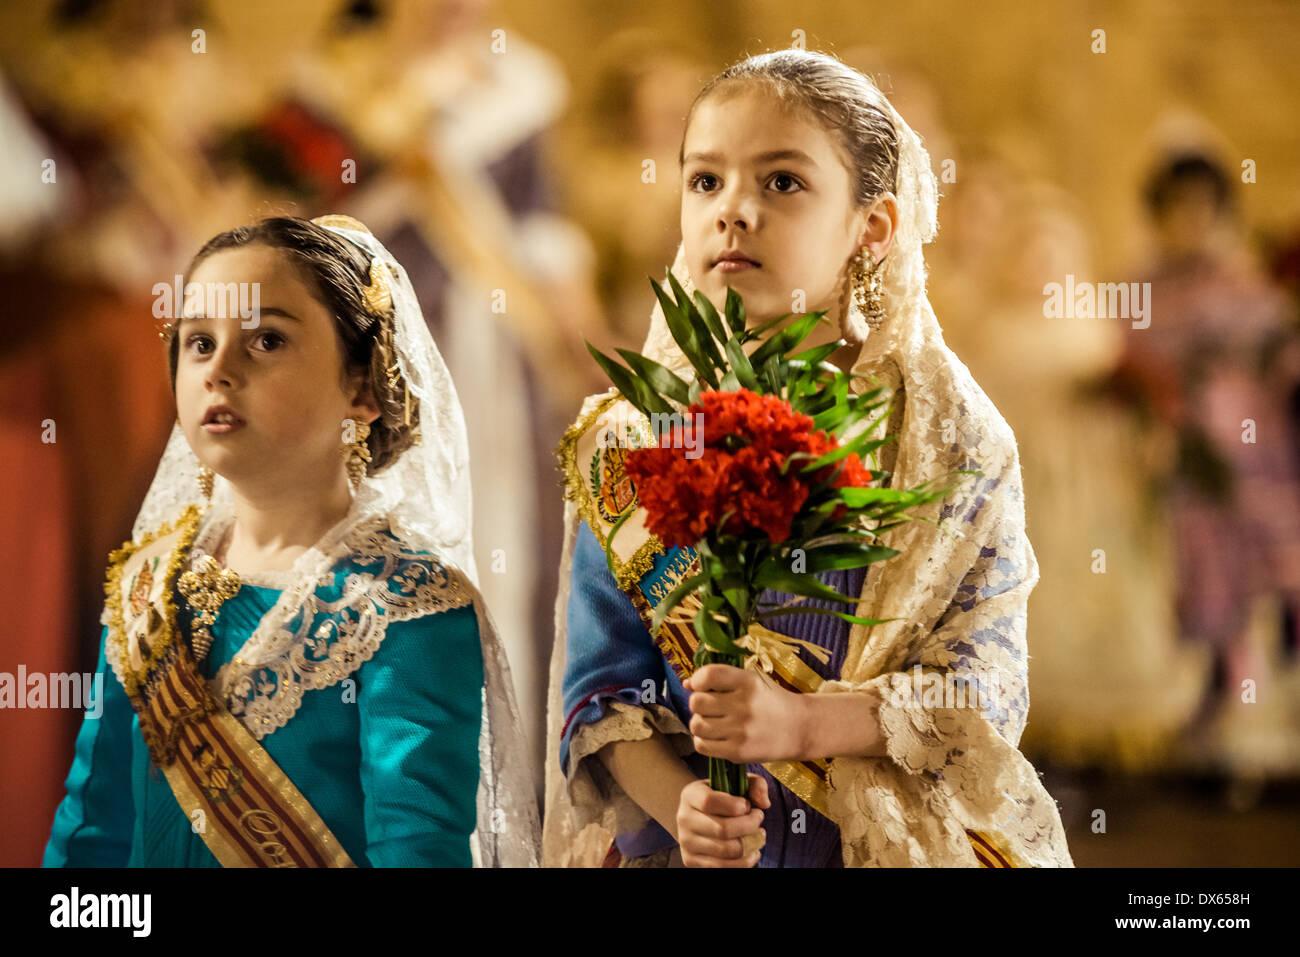 Valencia, España. Marzo 18th, 2014: un poco de Fallera finalmente ofrece su ramo de flores a la Virgen y la entrega Foto de stock